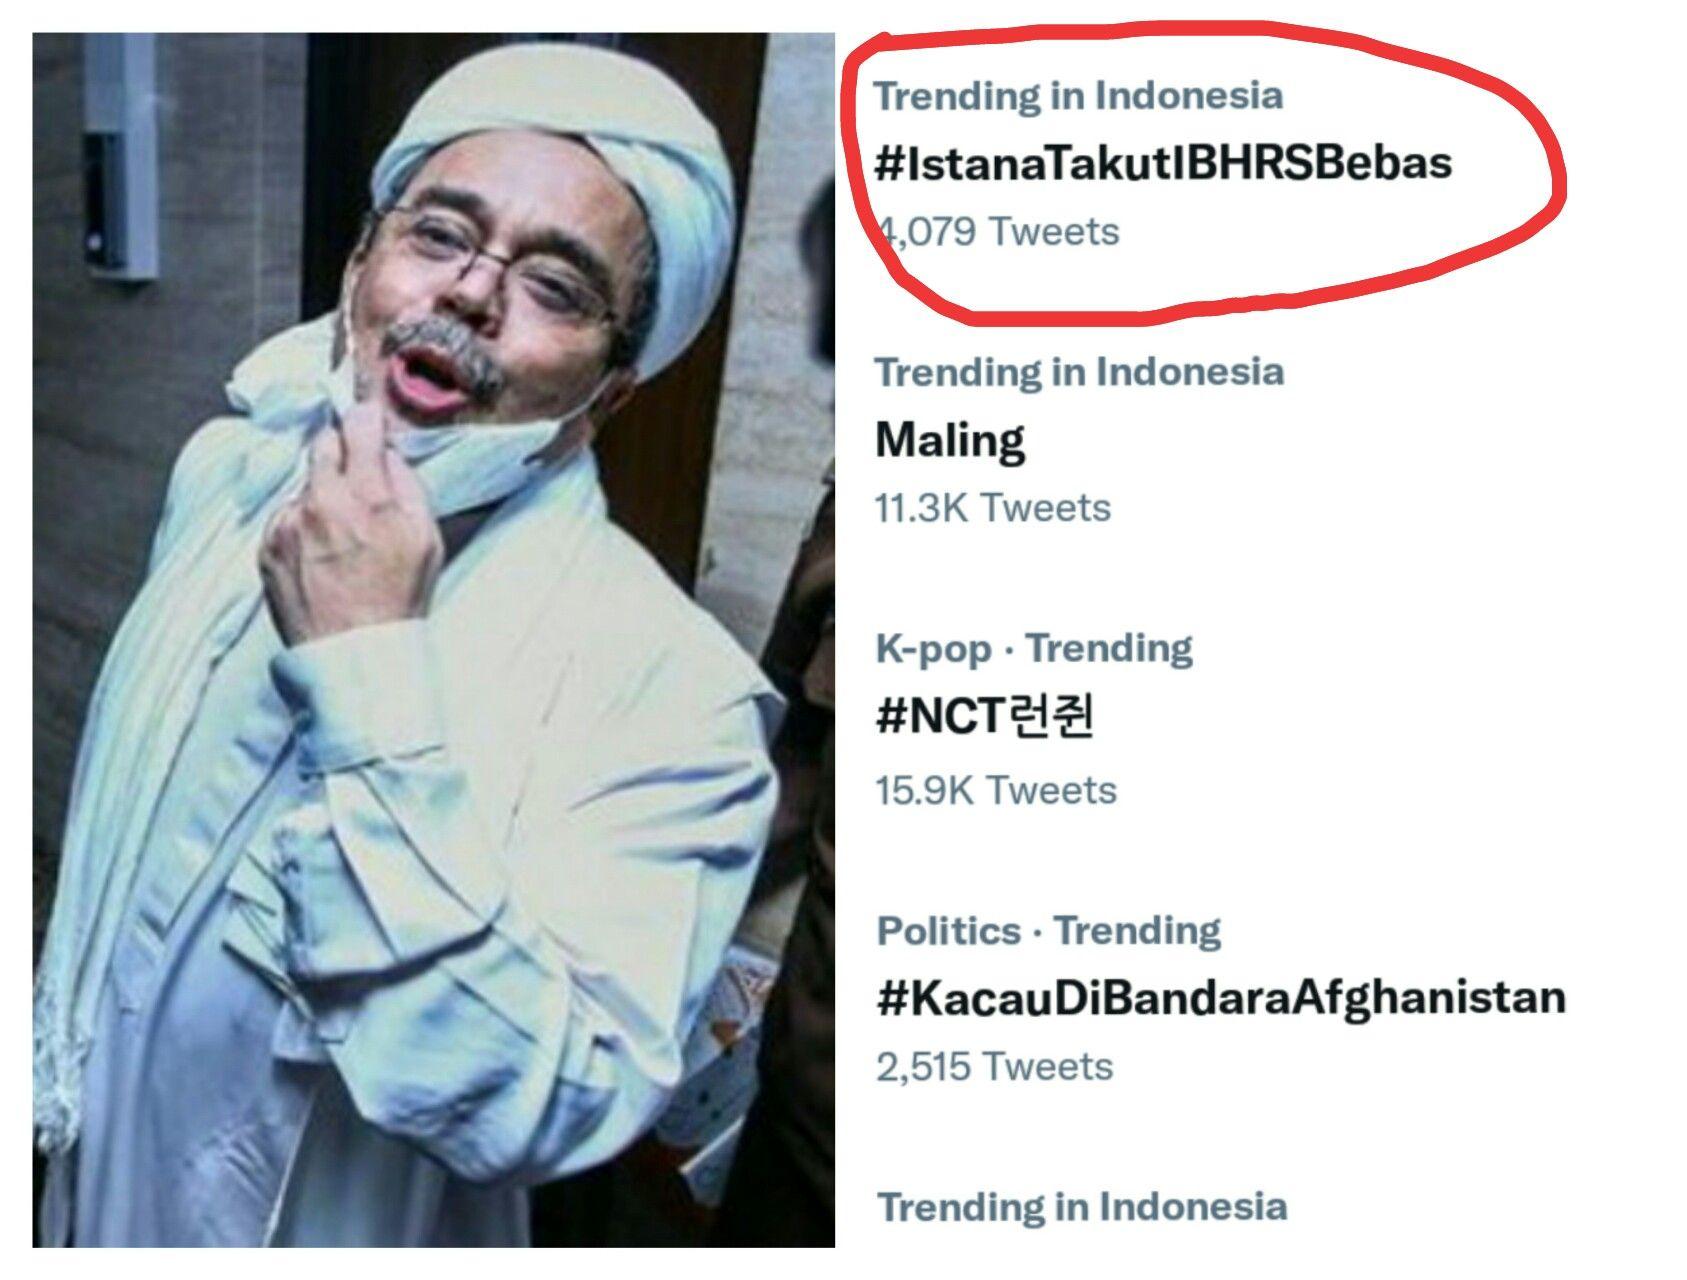 Tagar #IstanaTakutIBHRSBebas Menggema, Netizen Singgung Rezim Dzalim dan Pengadilan Akhirat